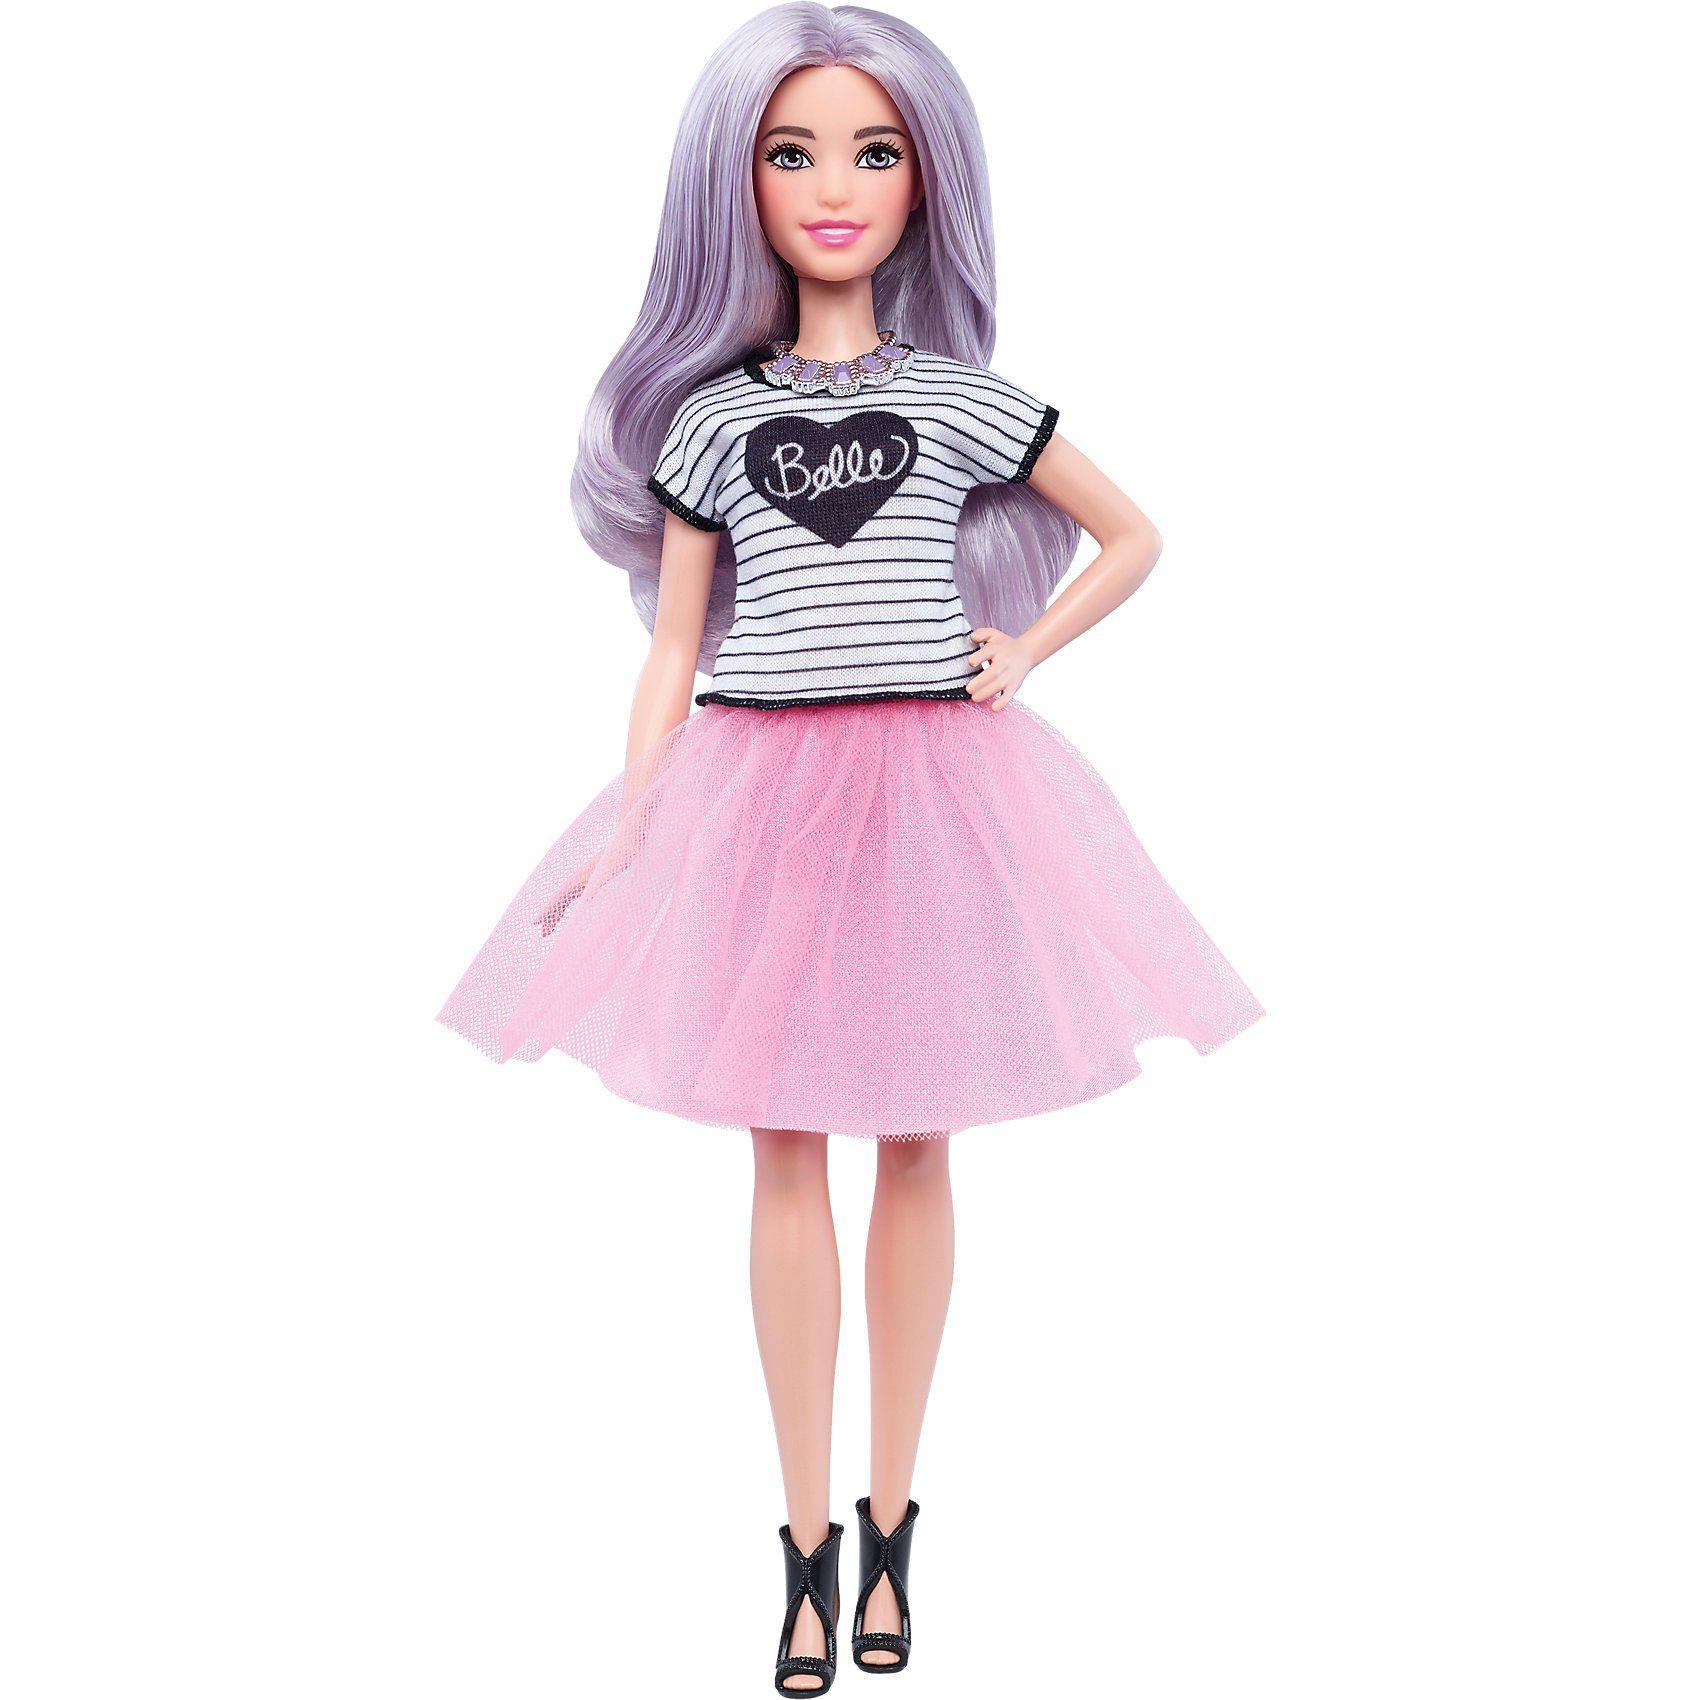 Mattel® Barbie Fashionistas Puppe im pinken Tüllrock